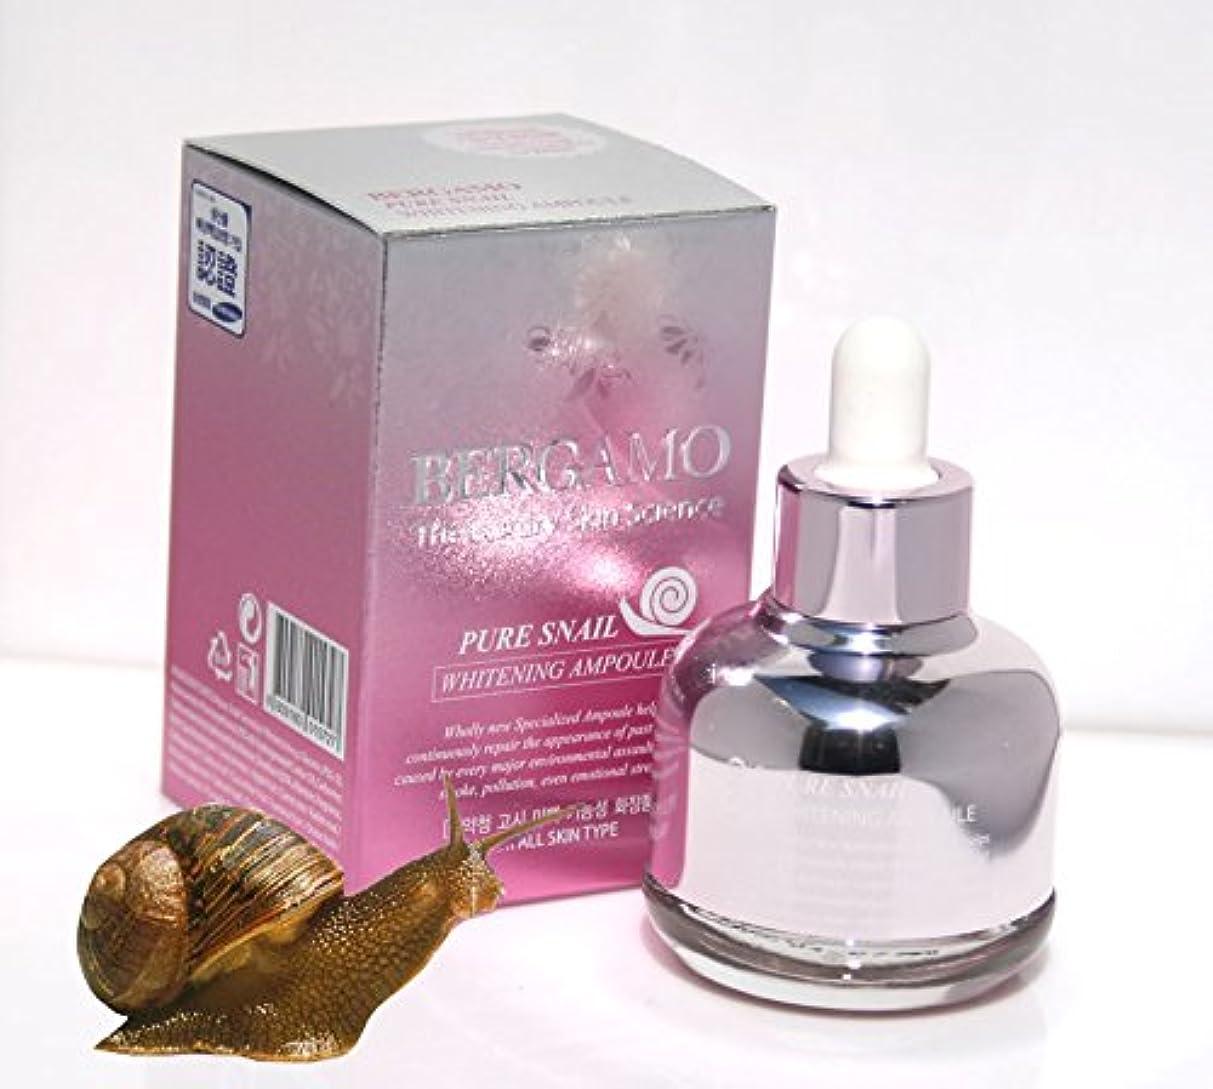 影響畝間見る【ベルガモ][Bergamo] 高級スキン科学は純粋なカタツムリホワイトニングアンプル30ml / the Luxury Skin Science Pure Snail Whitening Ampoule 30ml /...